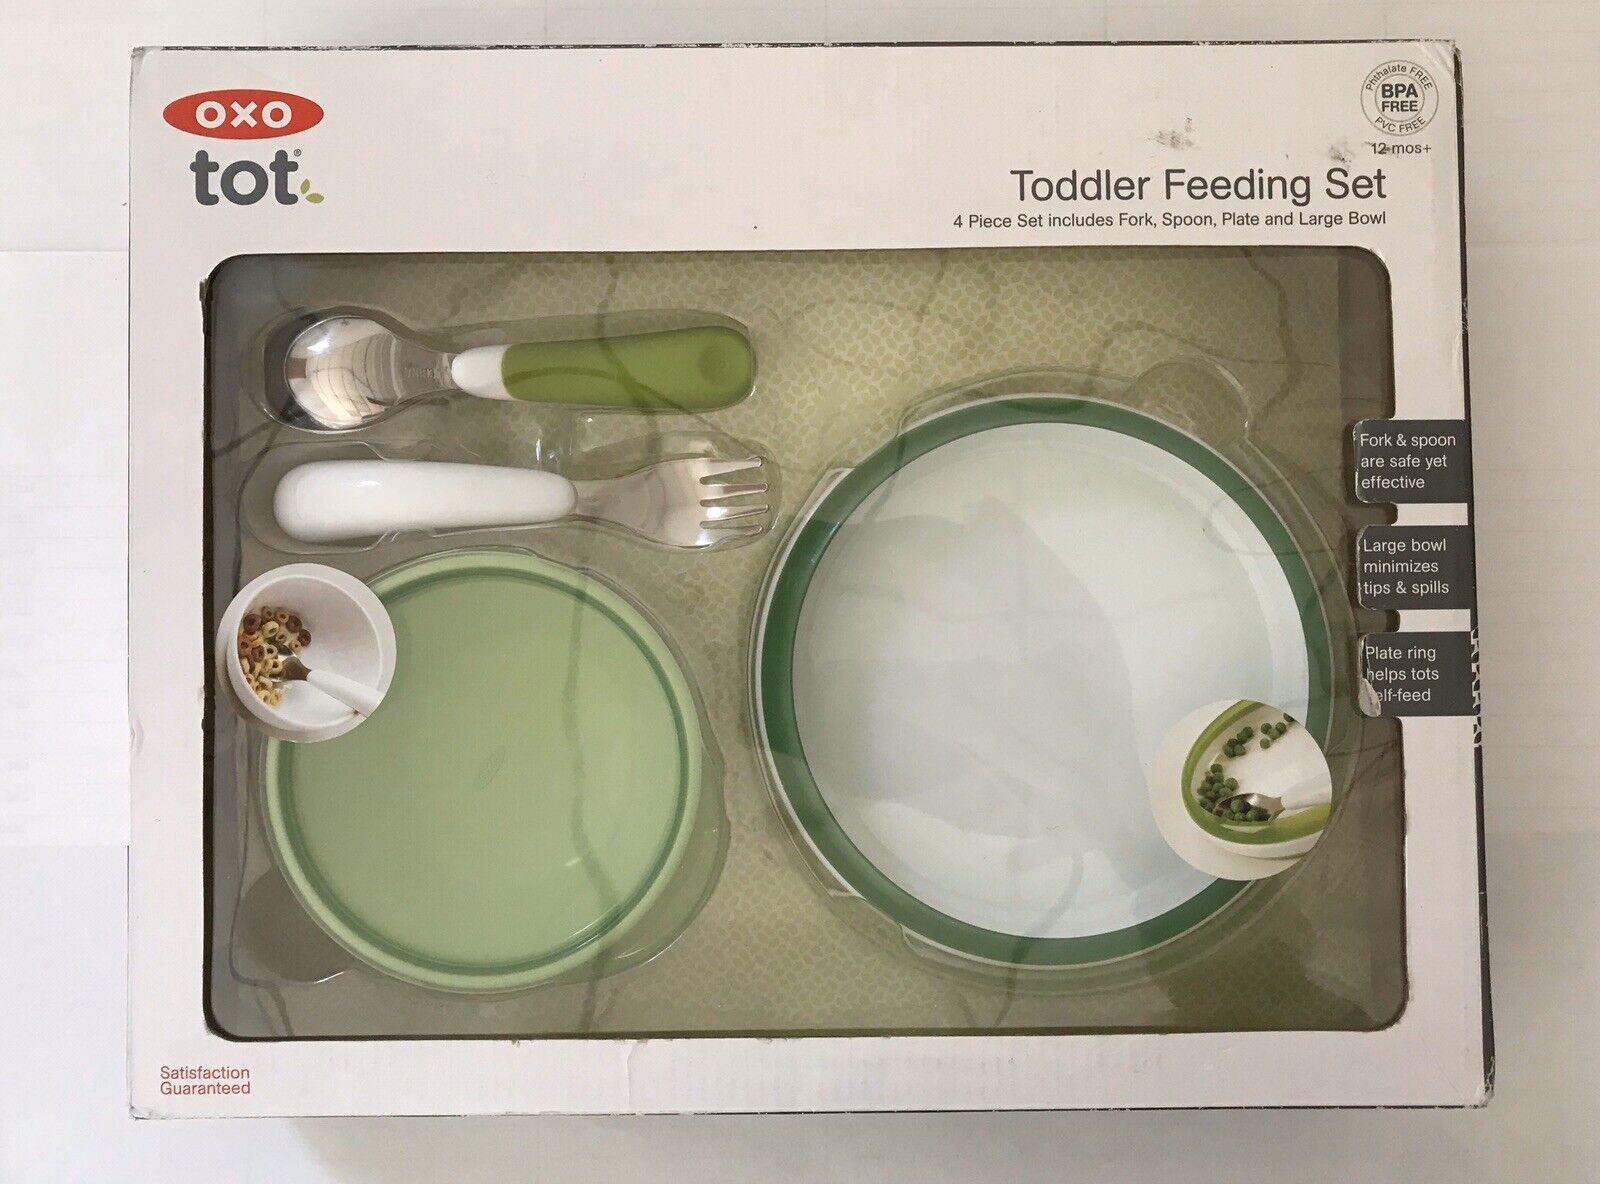 Four Piece Feeding Set OXO TOT